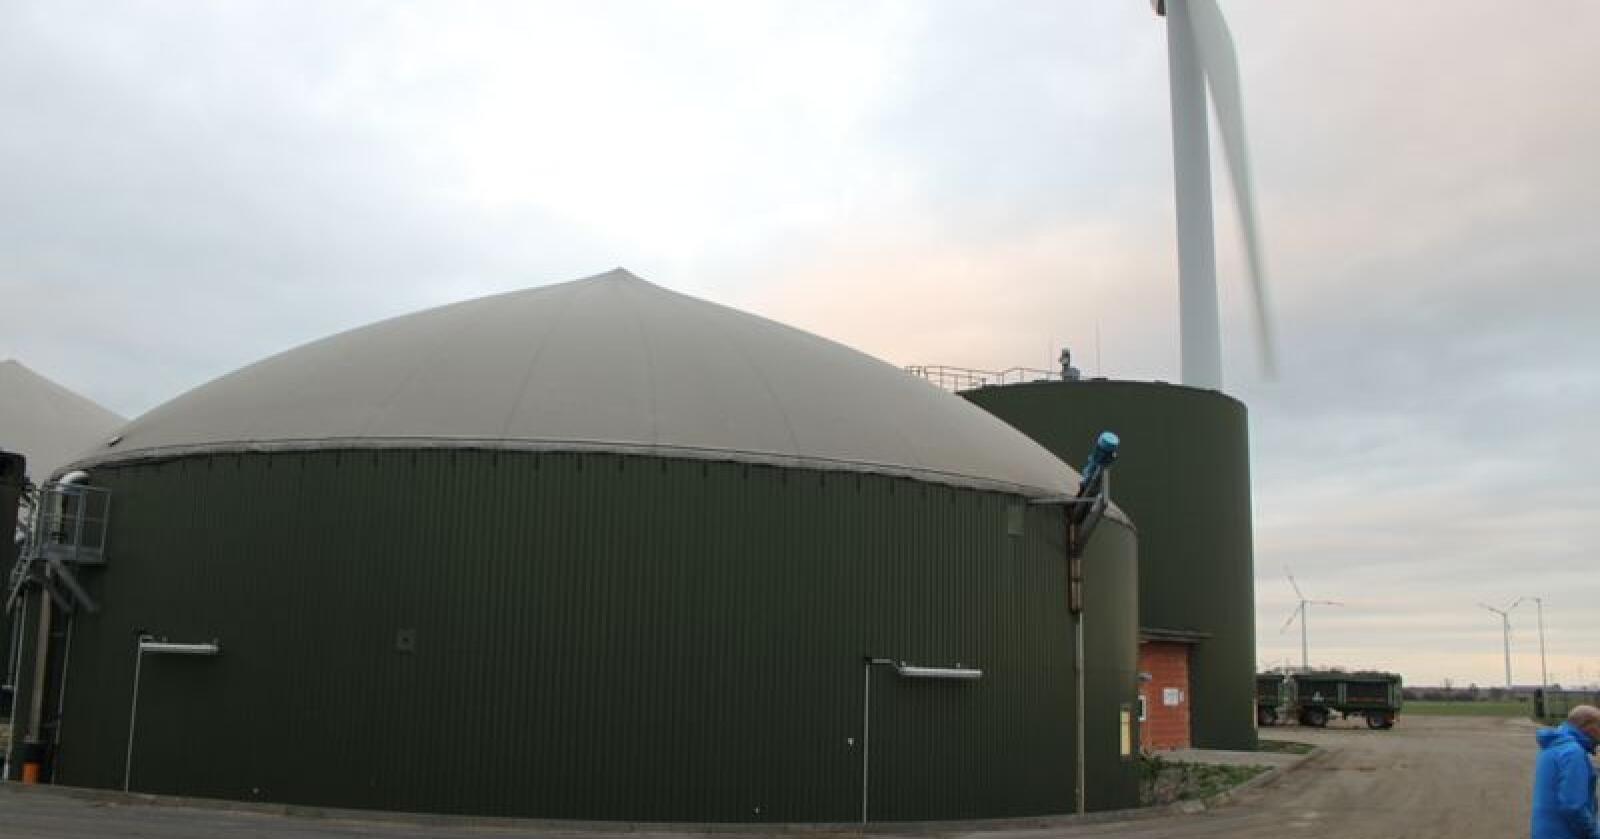 Verdens største svineprodusent, Smithfields Foods, skal investere i biogassanlegg på over 1000 gårder i USA for å redusere sine klimagassutslipp. Dette biogassanlegget ligger imidlertid på en gård i Tyskland. Foto: Espen Syljuåsen